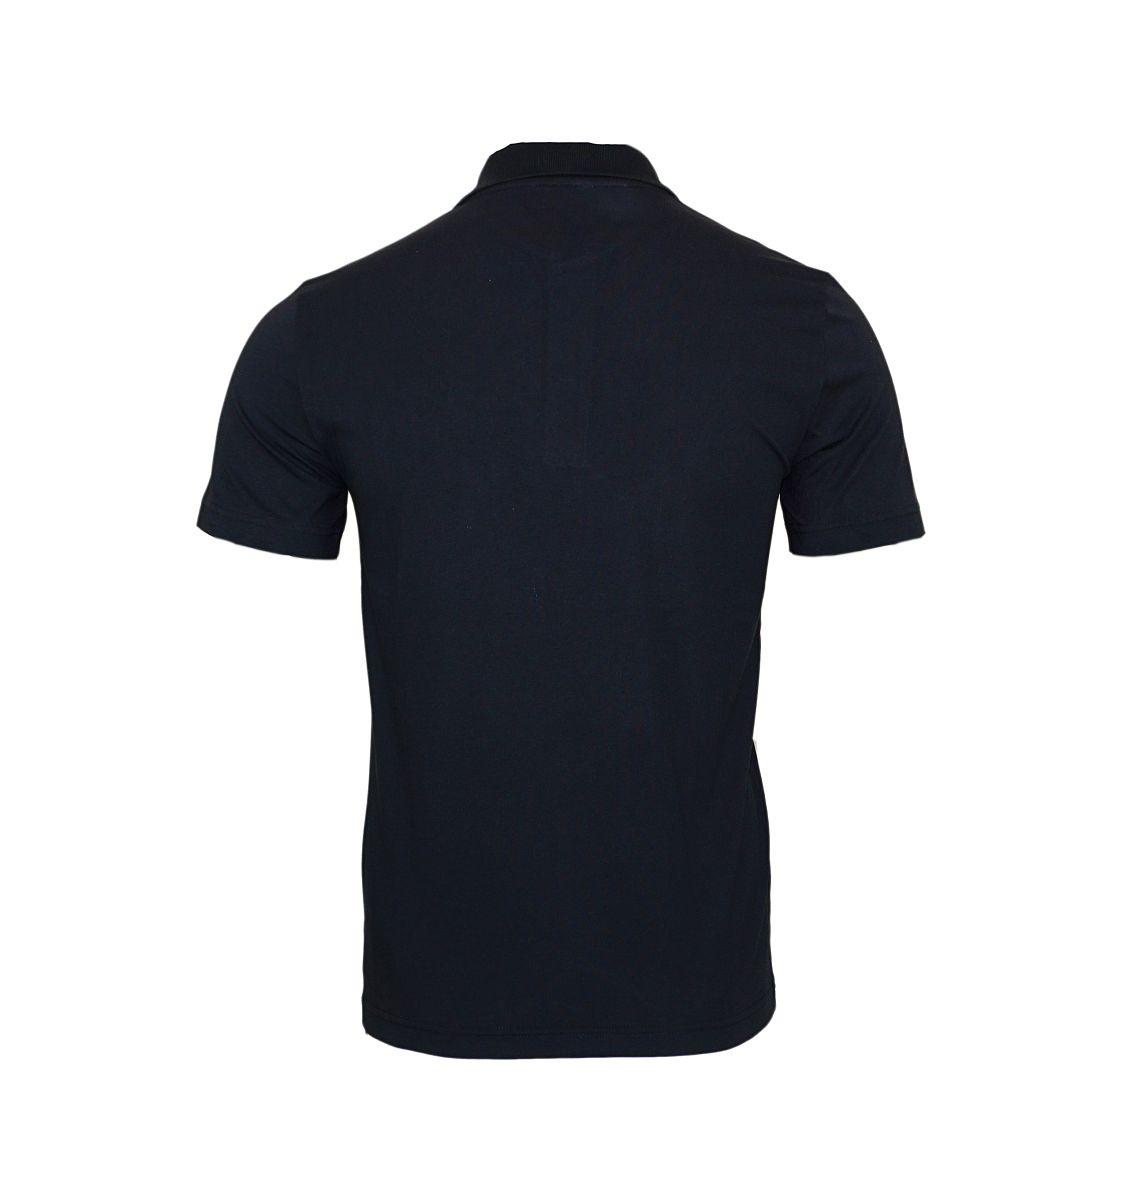 EA7 Emporio Armani Shirt T-Shirt Poloshirt 8NPF01 PJ48Z 1578 Night Blue HW17-EAPS1